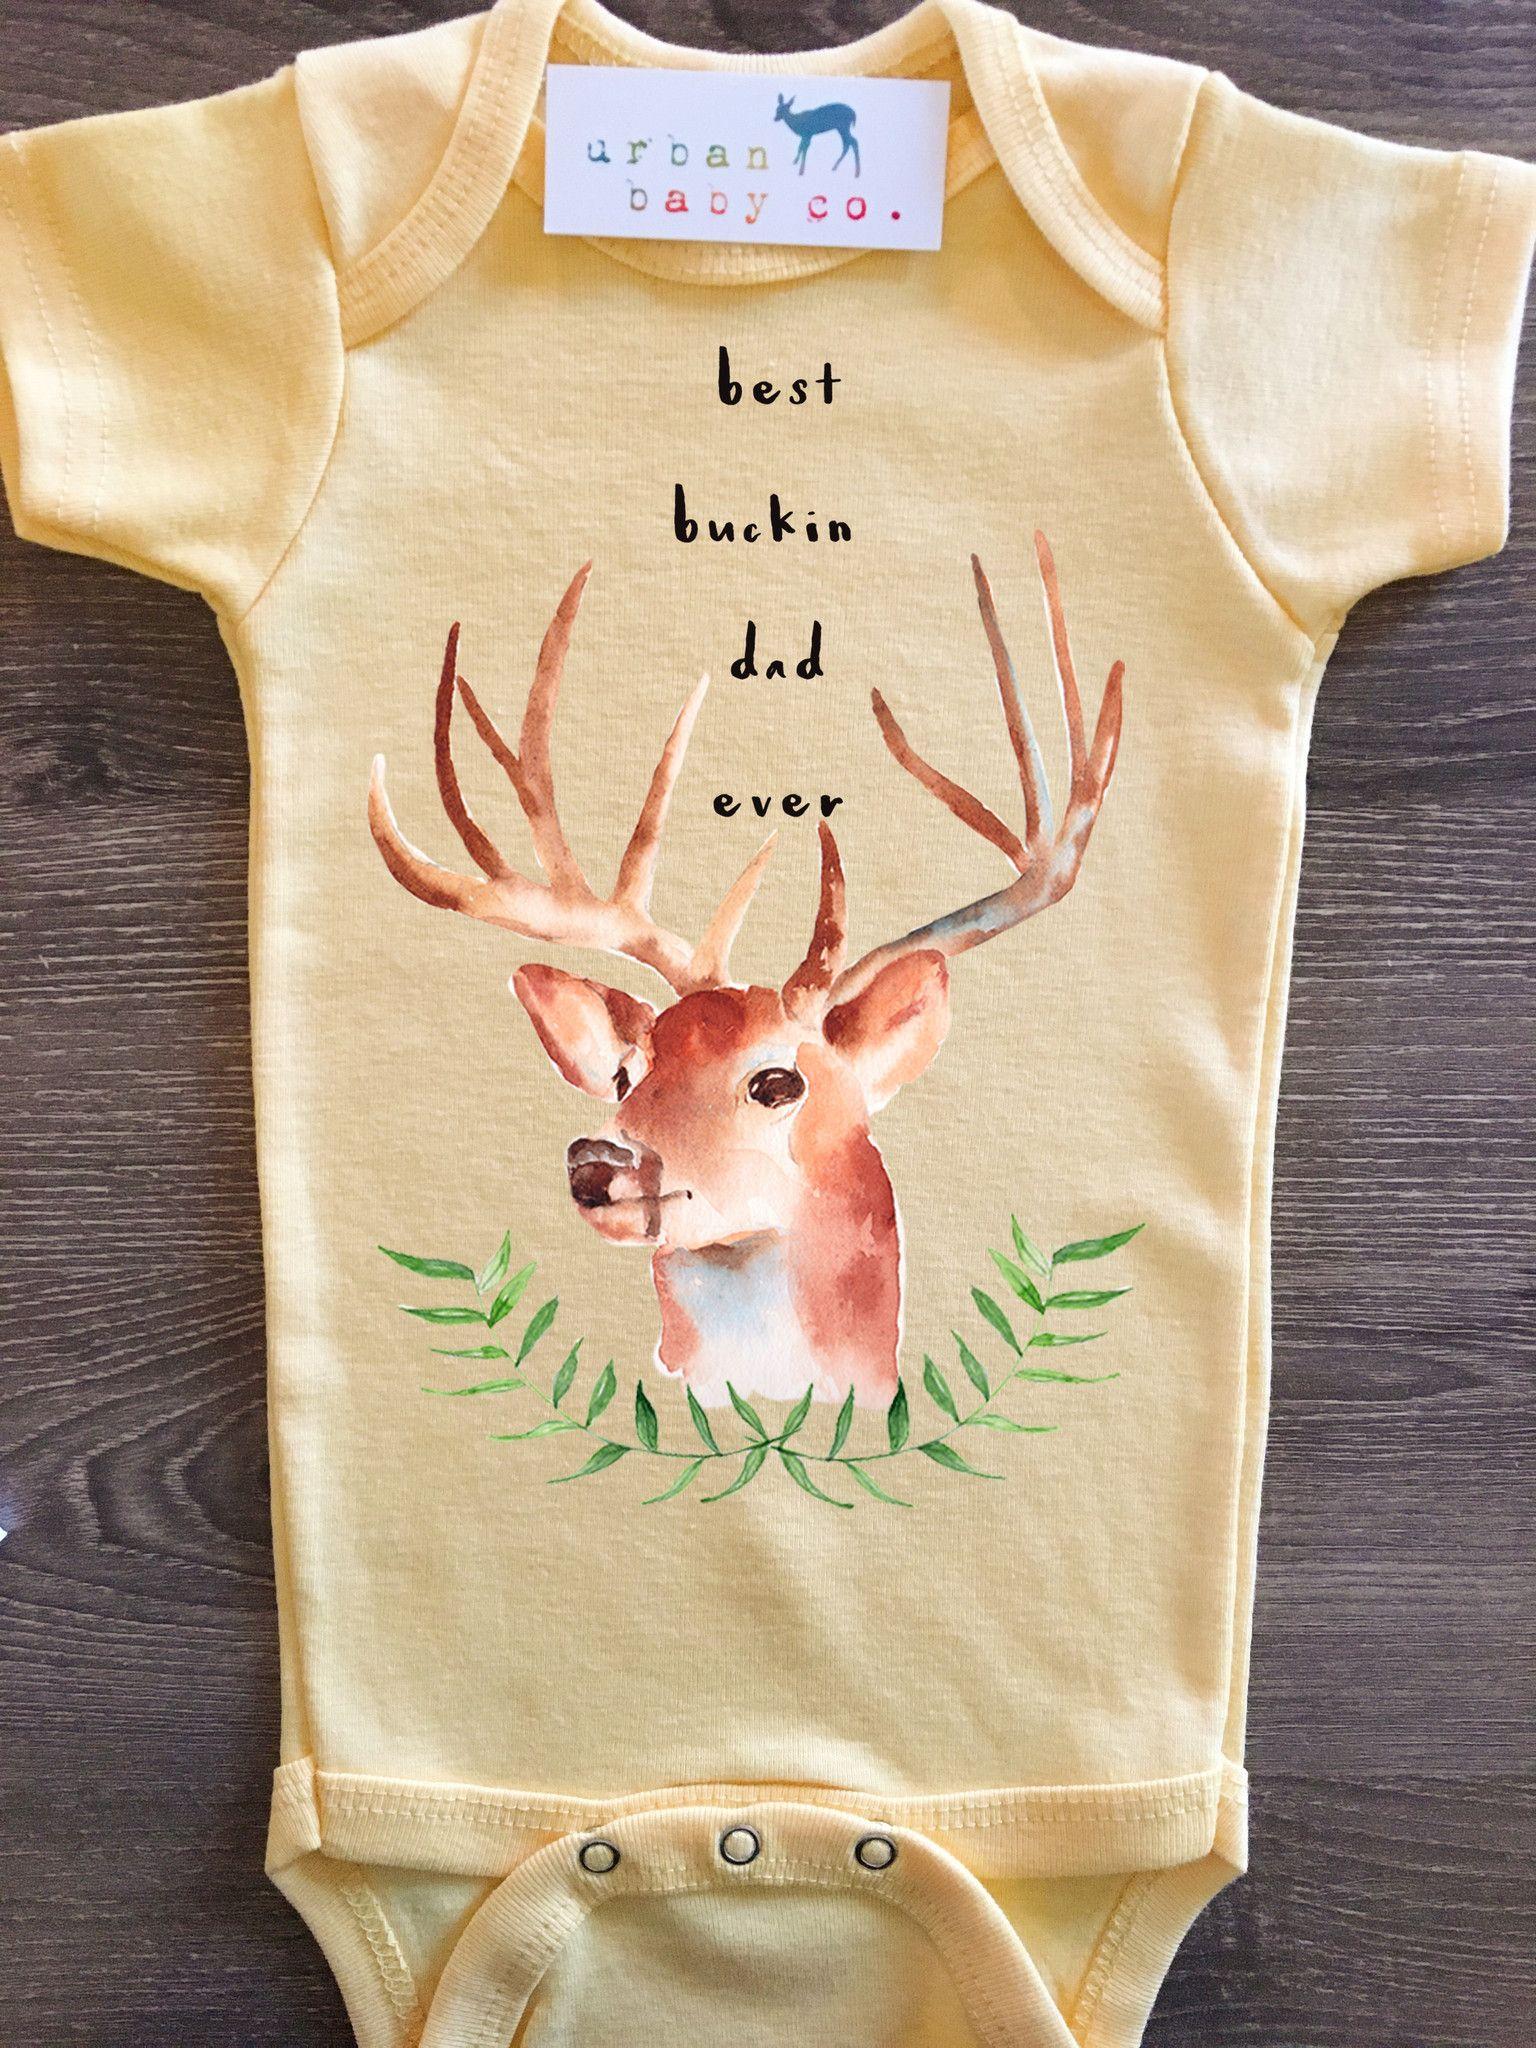 Best Buckin Dad Ever Baby Boy Girl Uni Gender Neutral